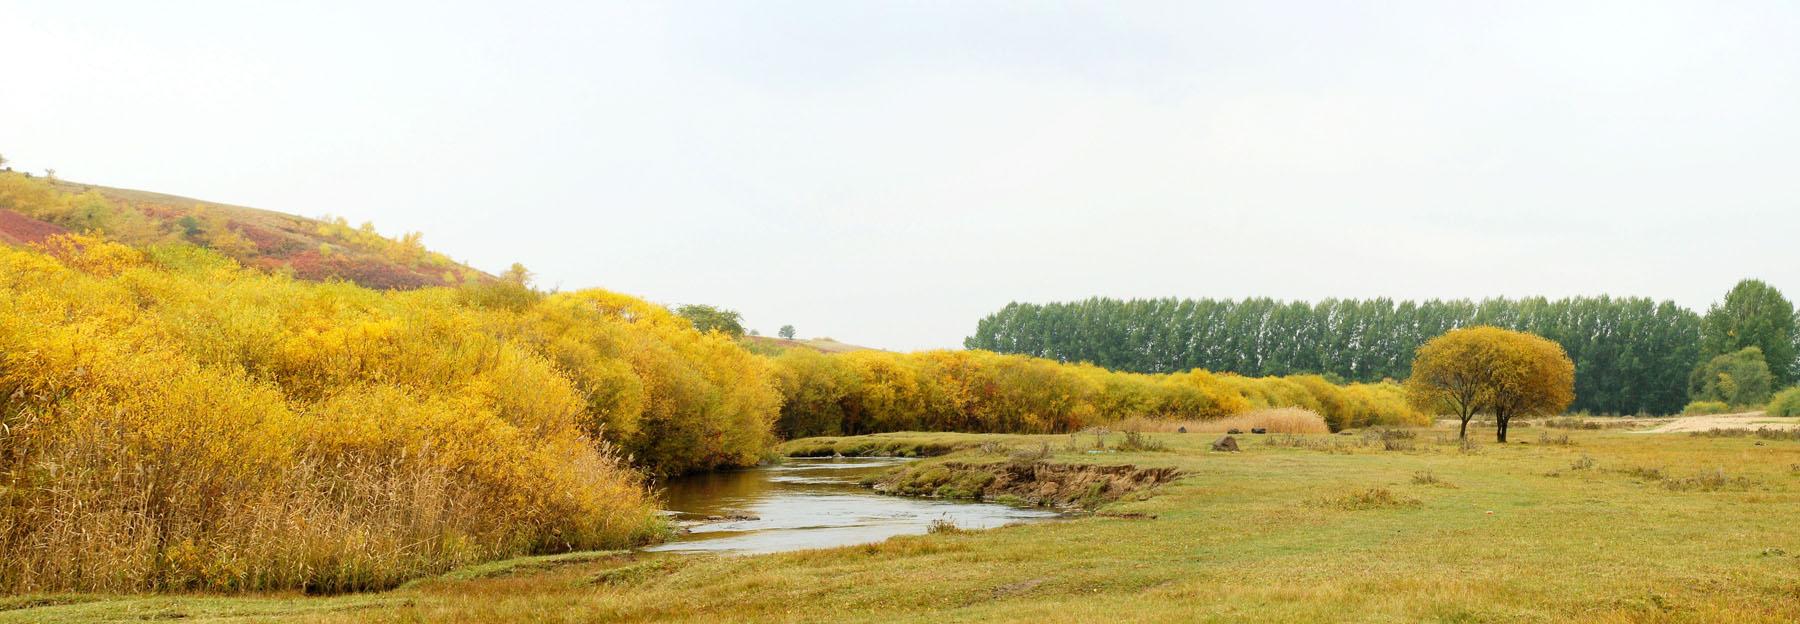 炫光智影作品:金色的秋天